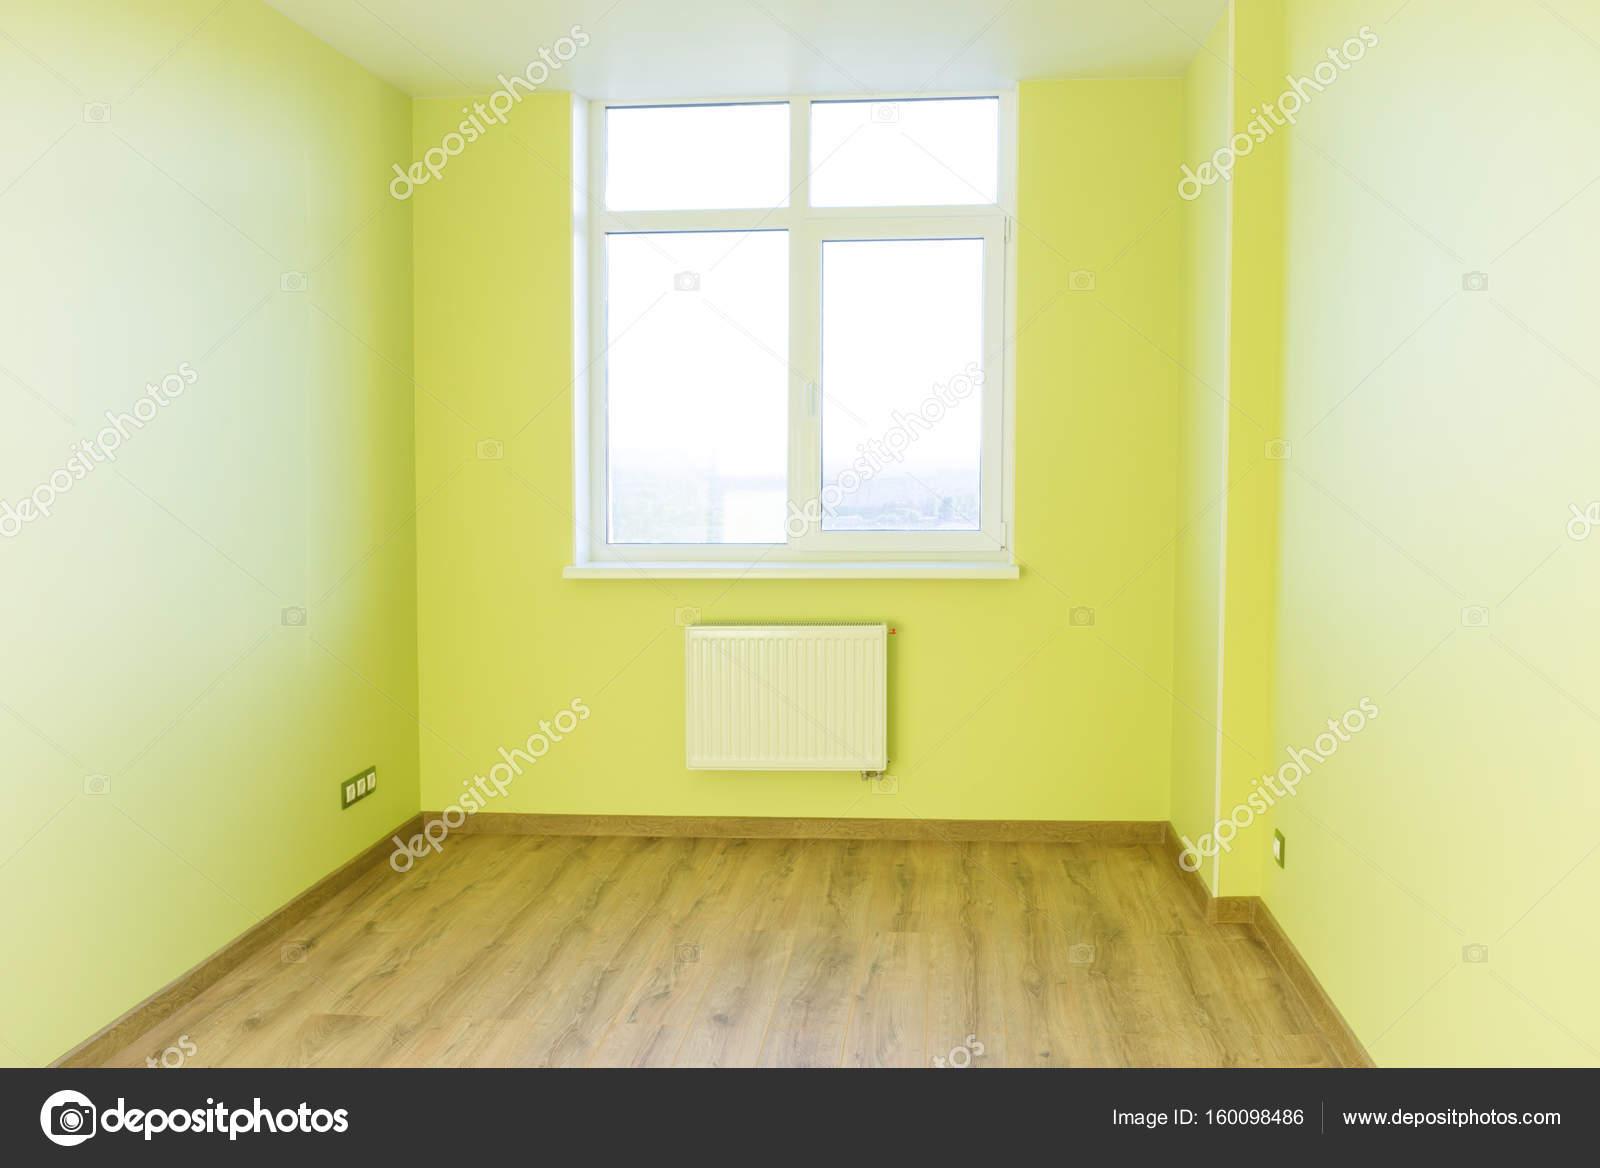 Wohnzimmer Innenraum des grünen leeren Raum — Stockfoto © dovapi ...